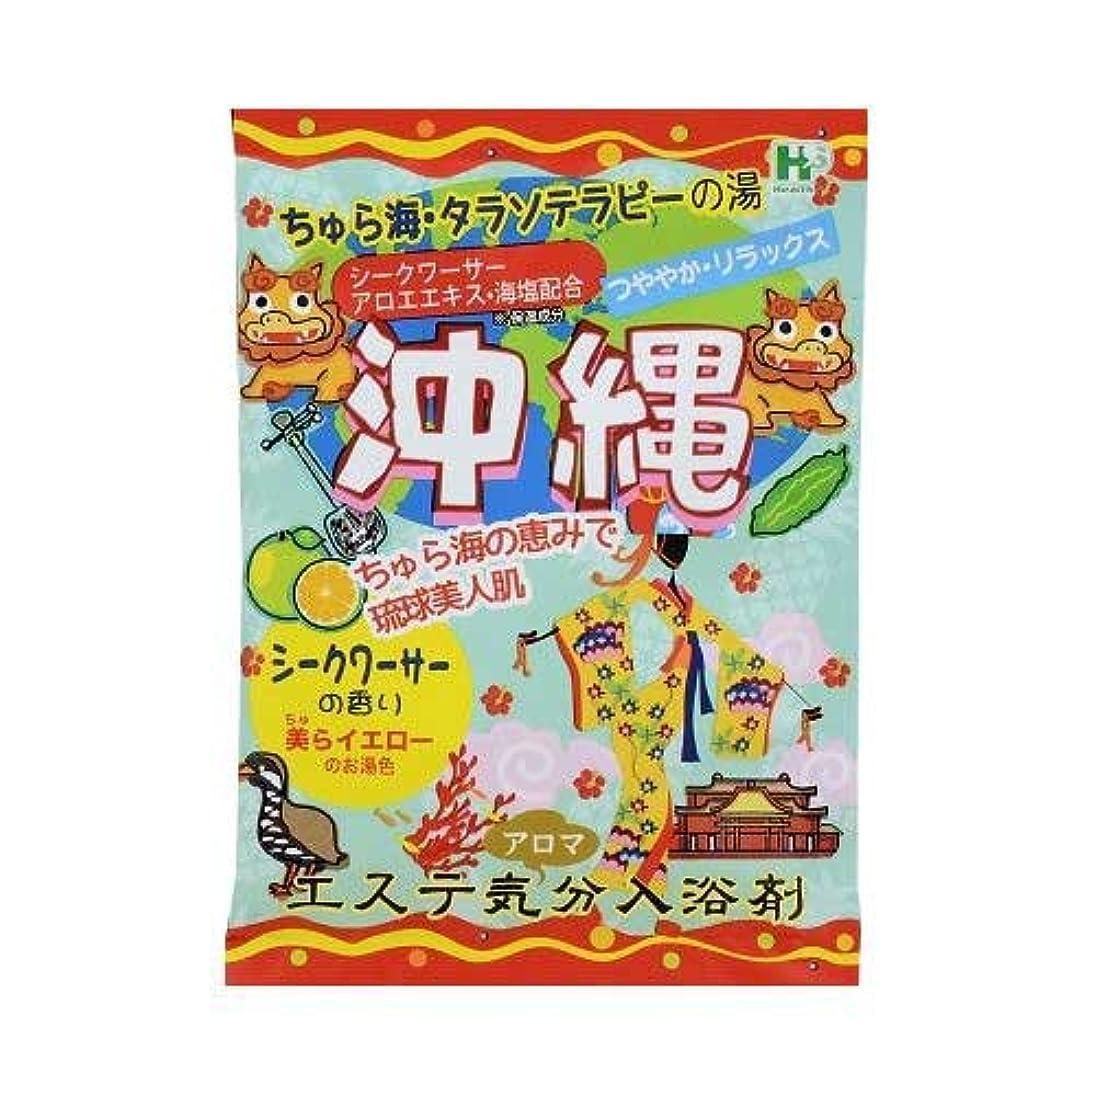 インドアルプス乱れエステ気分アロマ入浴剤 沖縄 40g